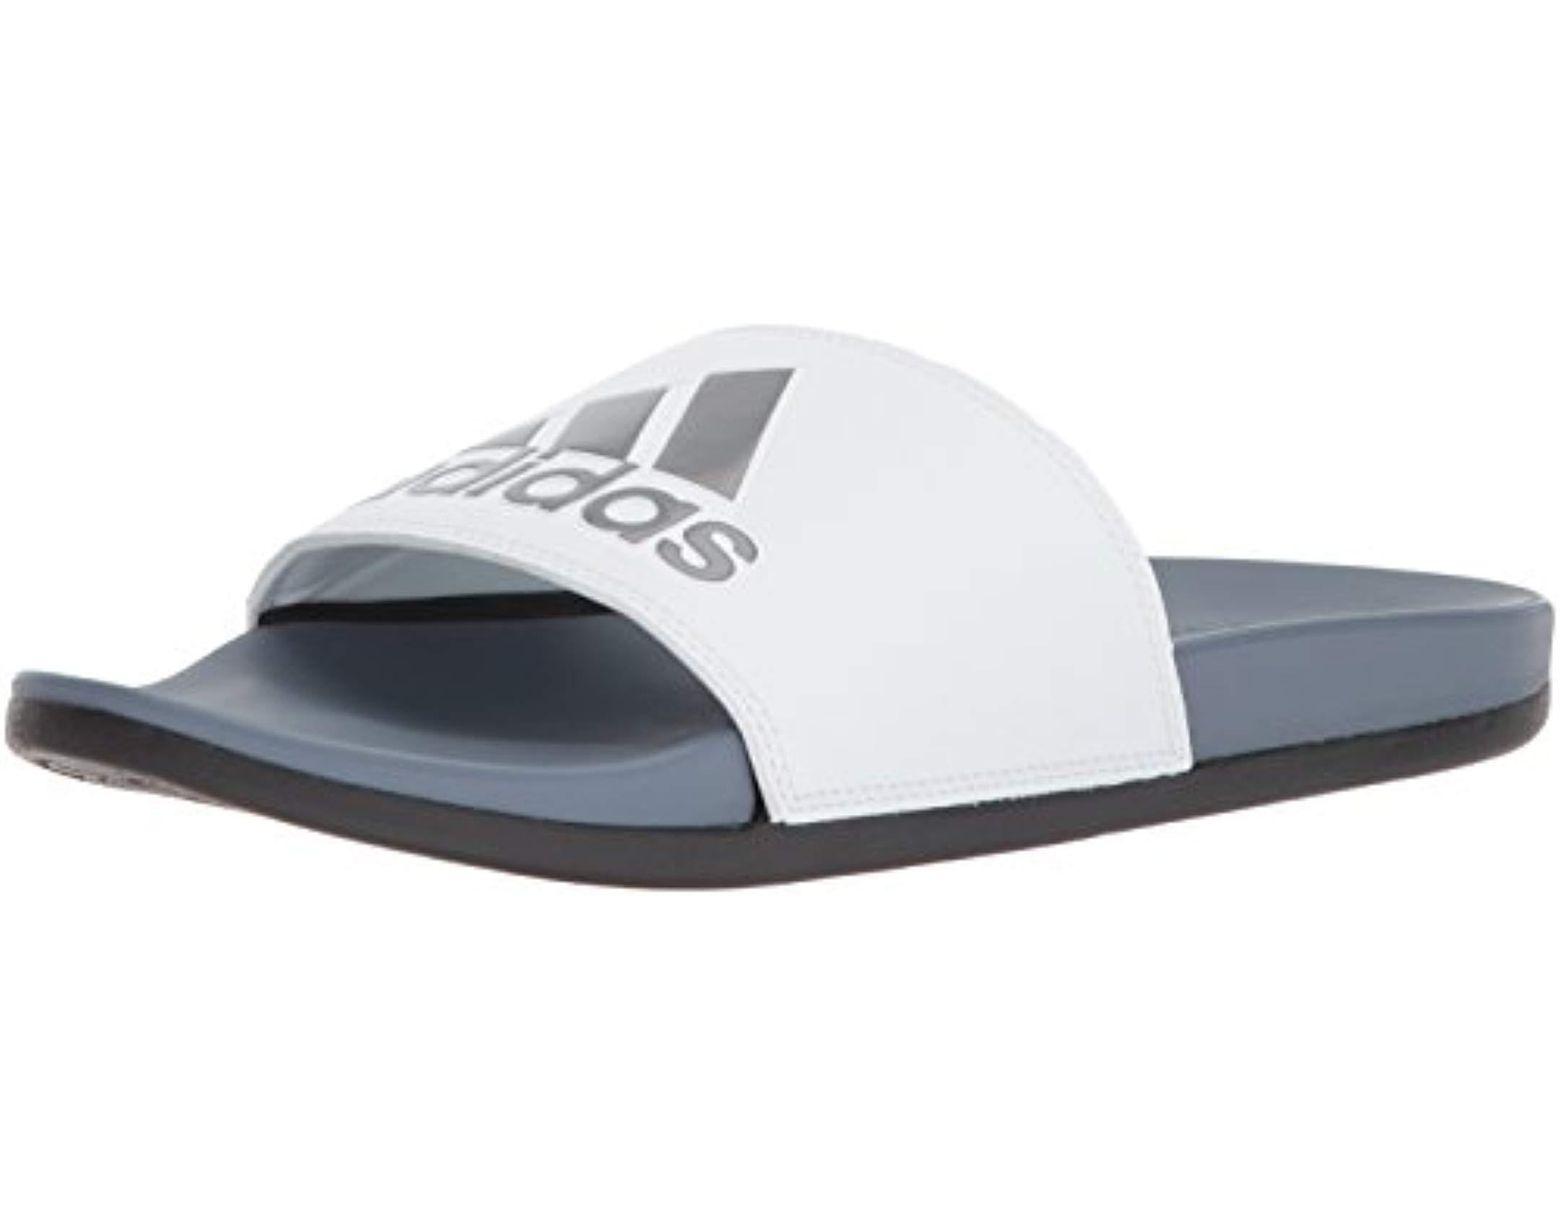 360b0a80033be Women's White Adilette Cloudfoam Plus Stripes Slides